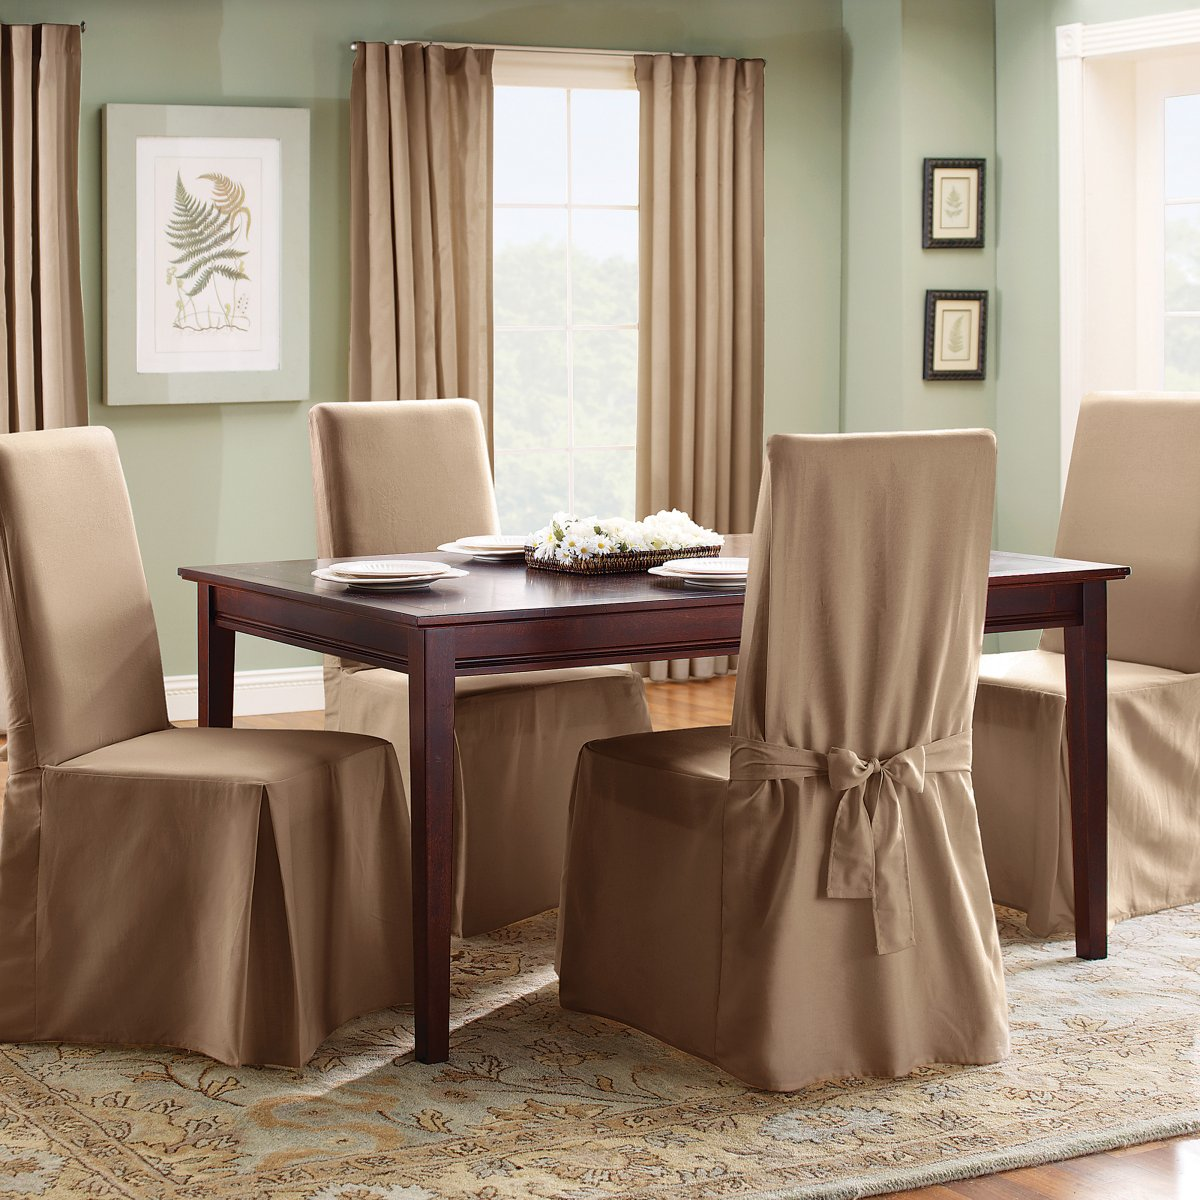 Бежевые чехлы на стулья